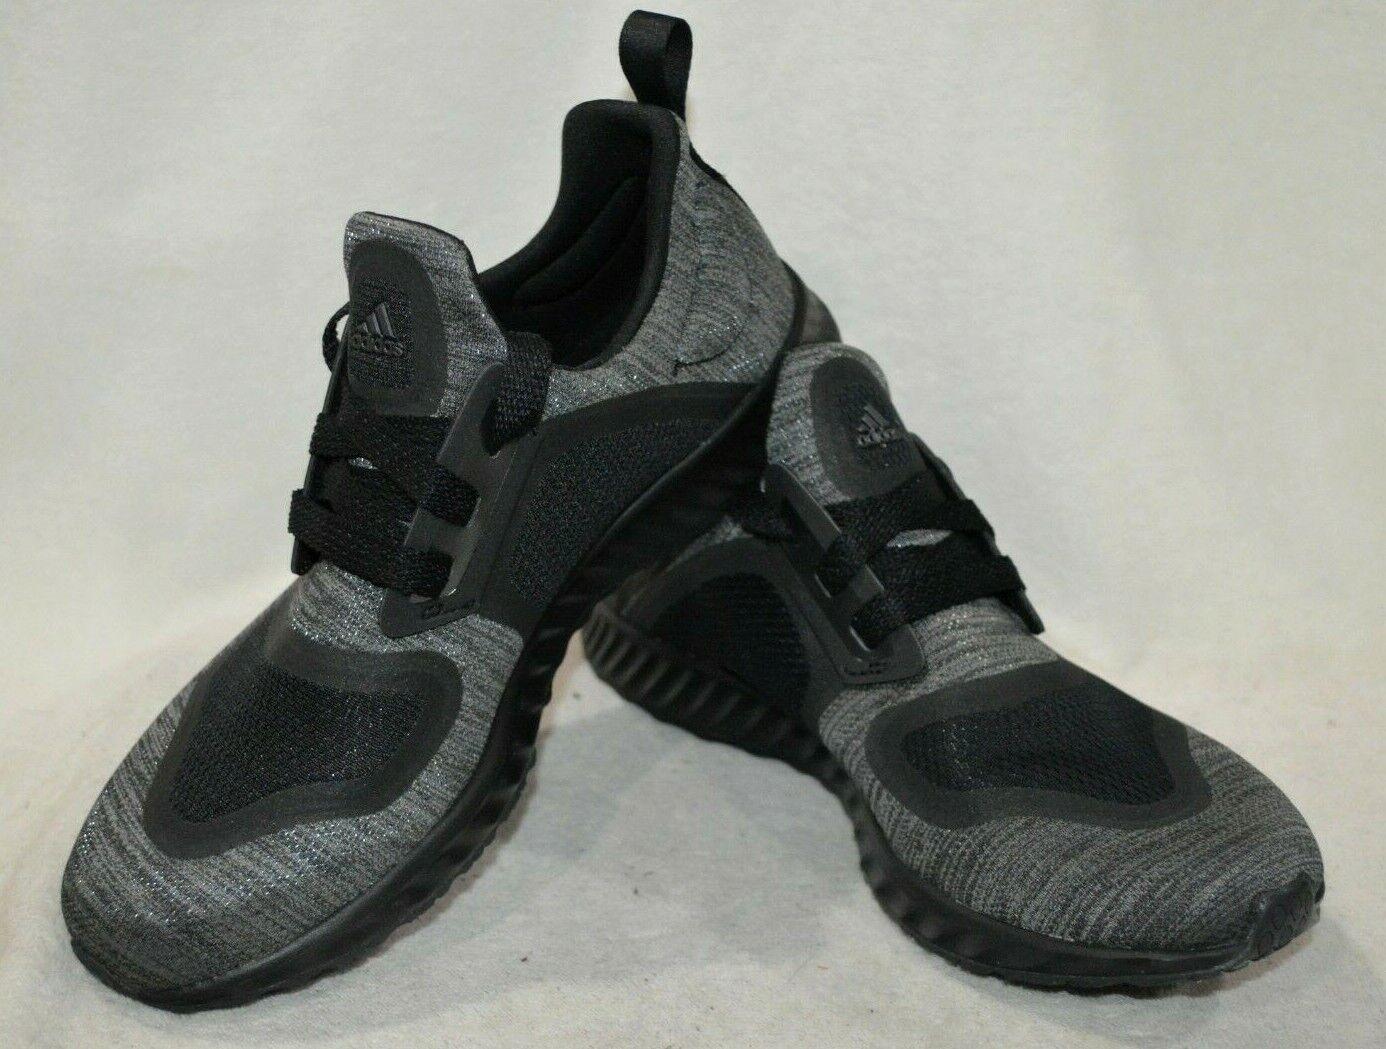 Adidas Wohombres Edge Lux clima Negro gris Zapatillas Para Correr-Nuevo con Caja AQ0064